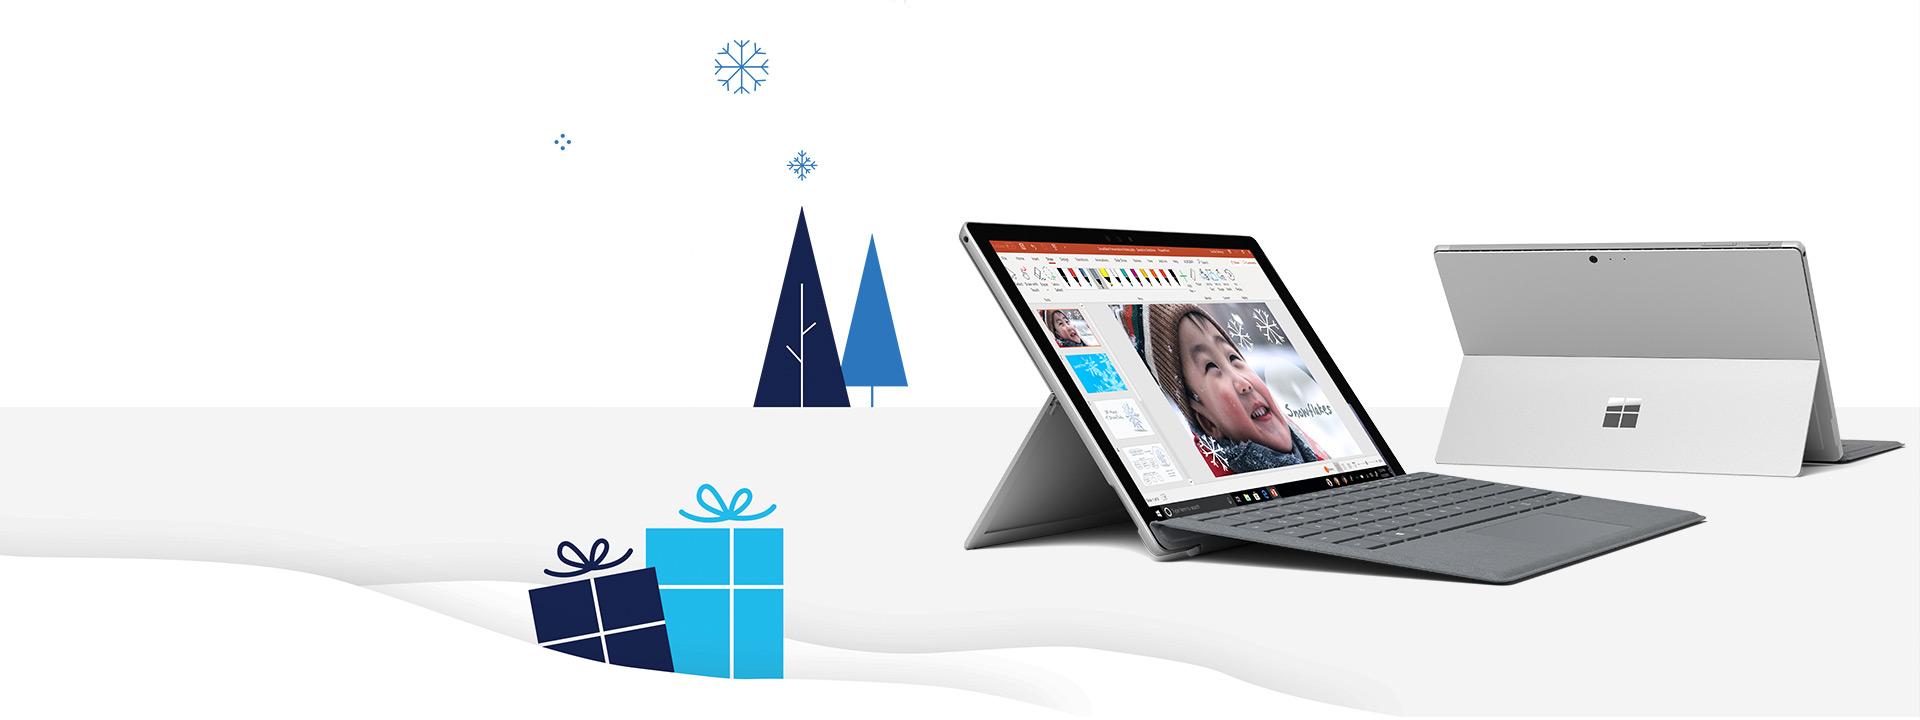 Ofereça possibilidades com um novo Surface Pro